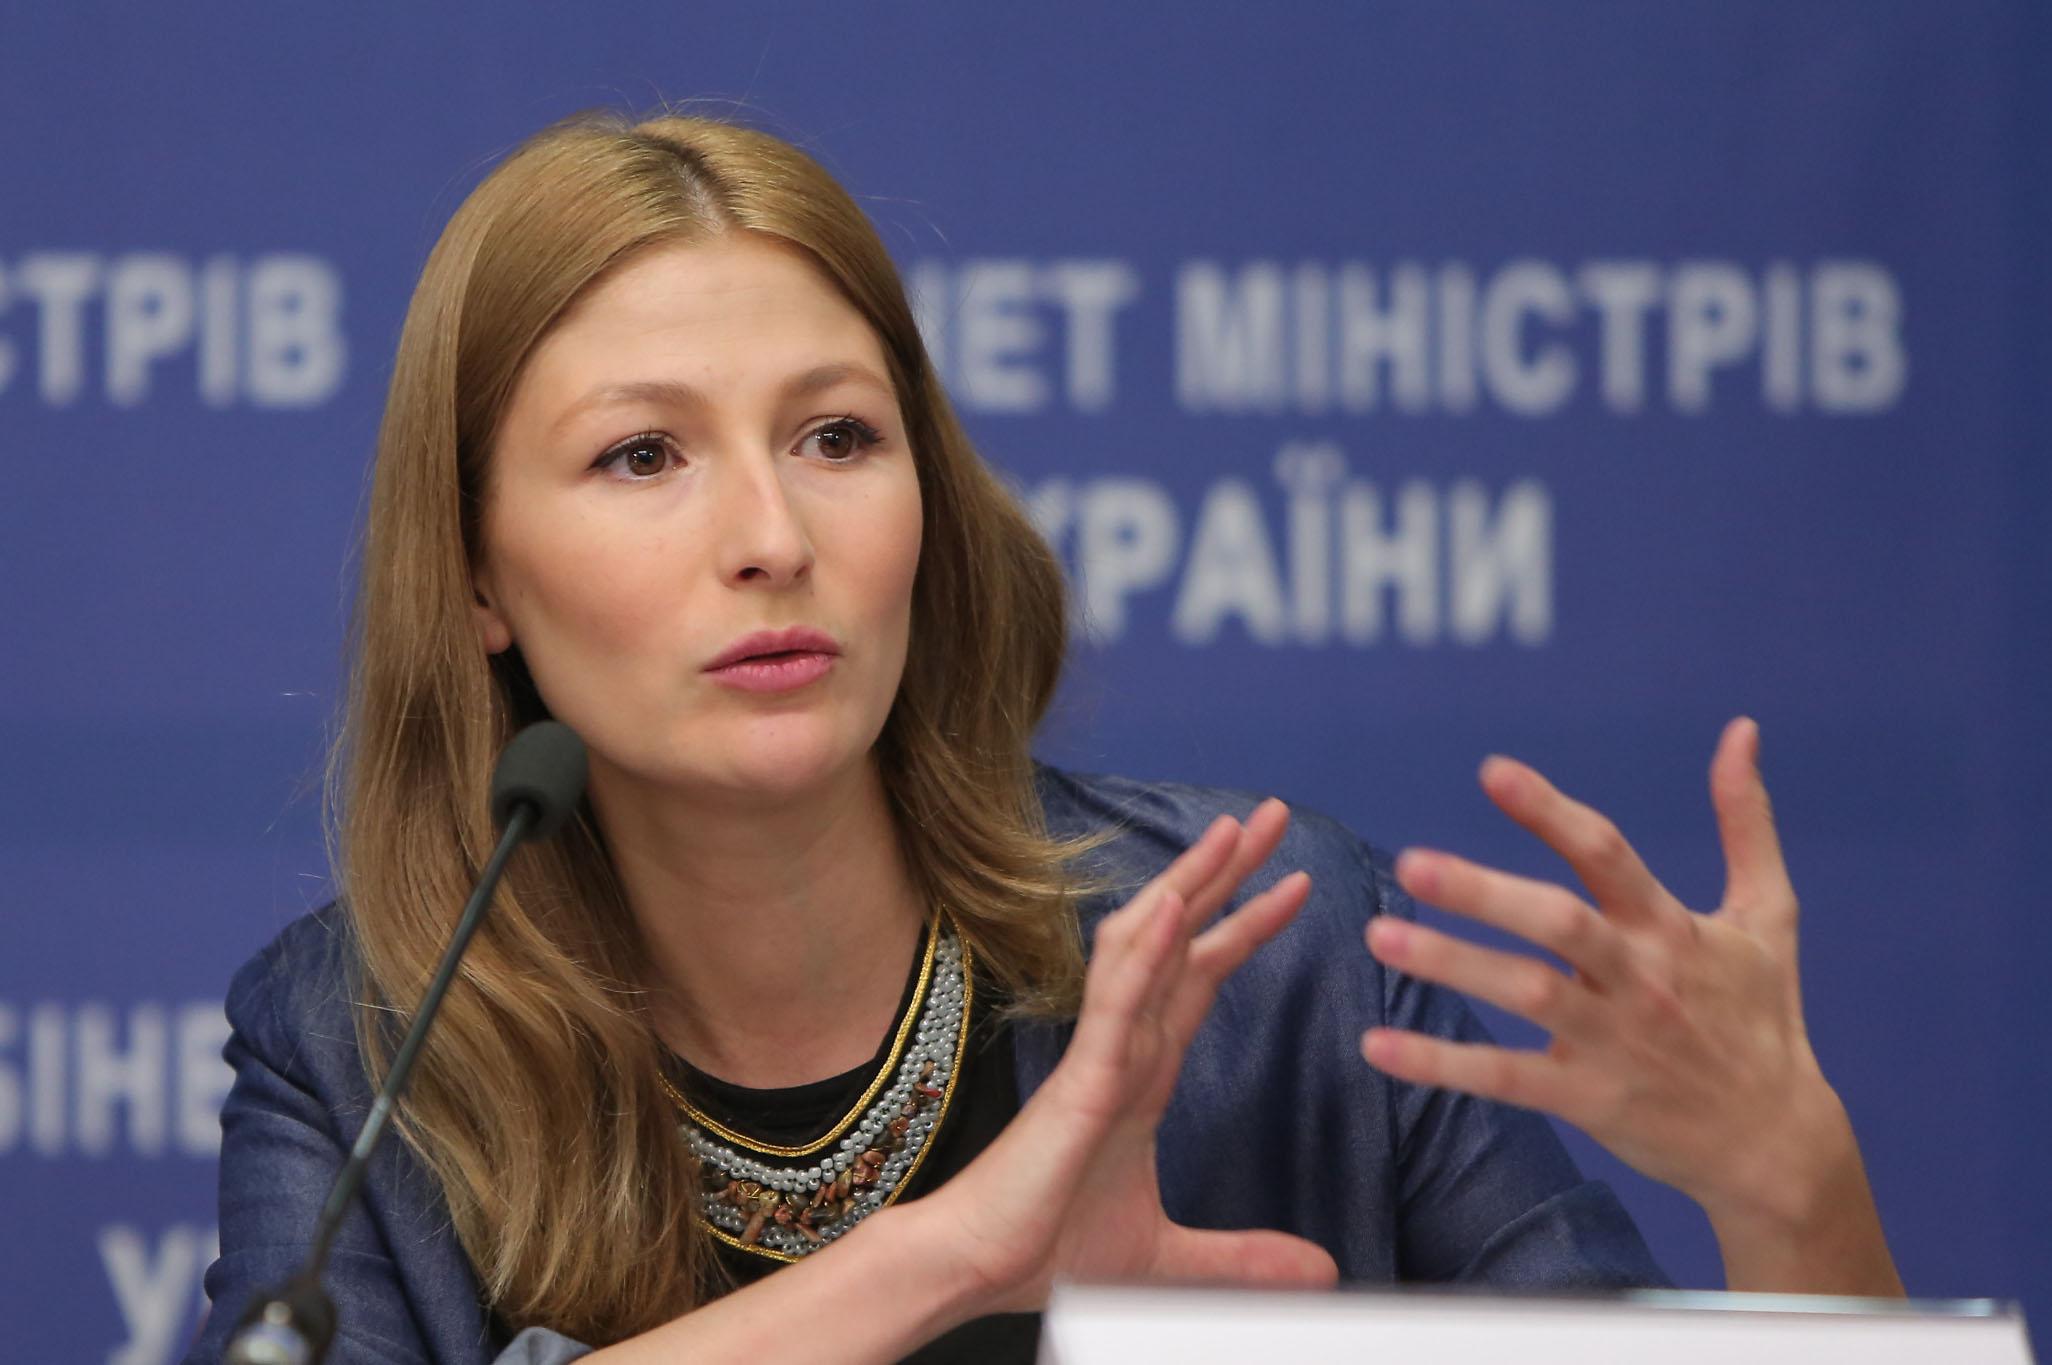 Замминистра: Российская Федерация нарушила 403 соглашения вКрыму